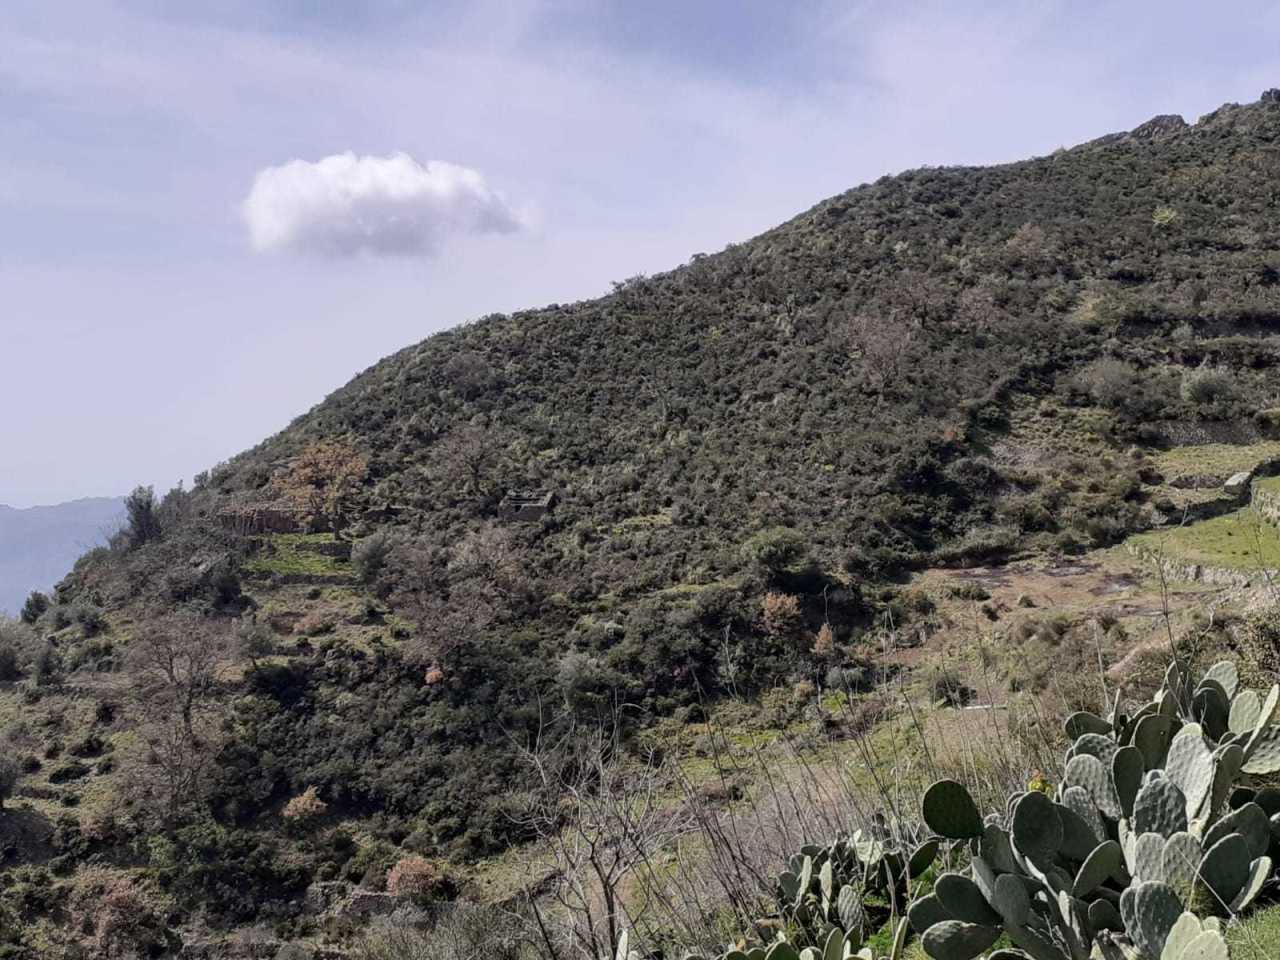 Terreno Agricolo in vendita a Bova, 1 locali, prezzo € 32.000   CambioCasa.it